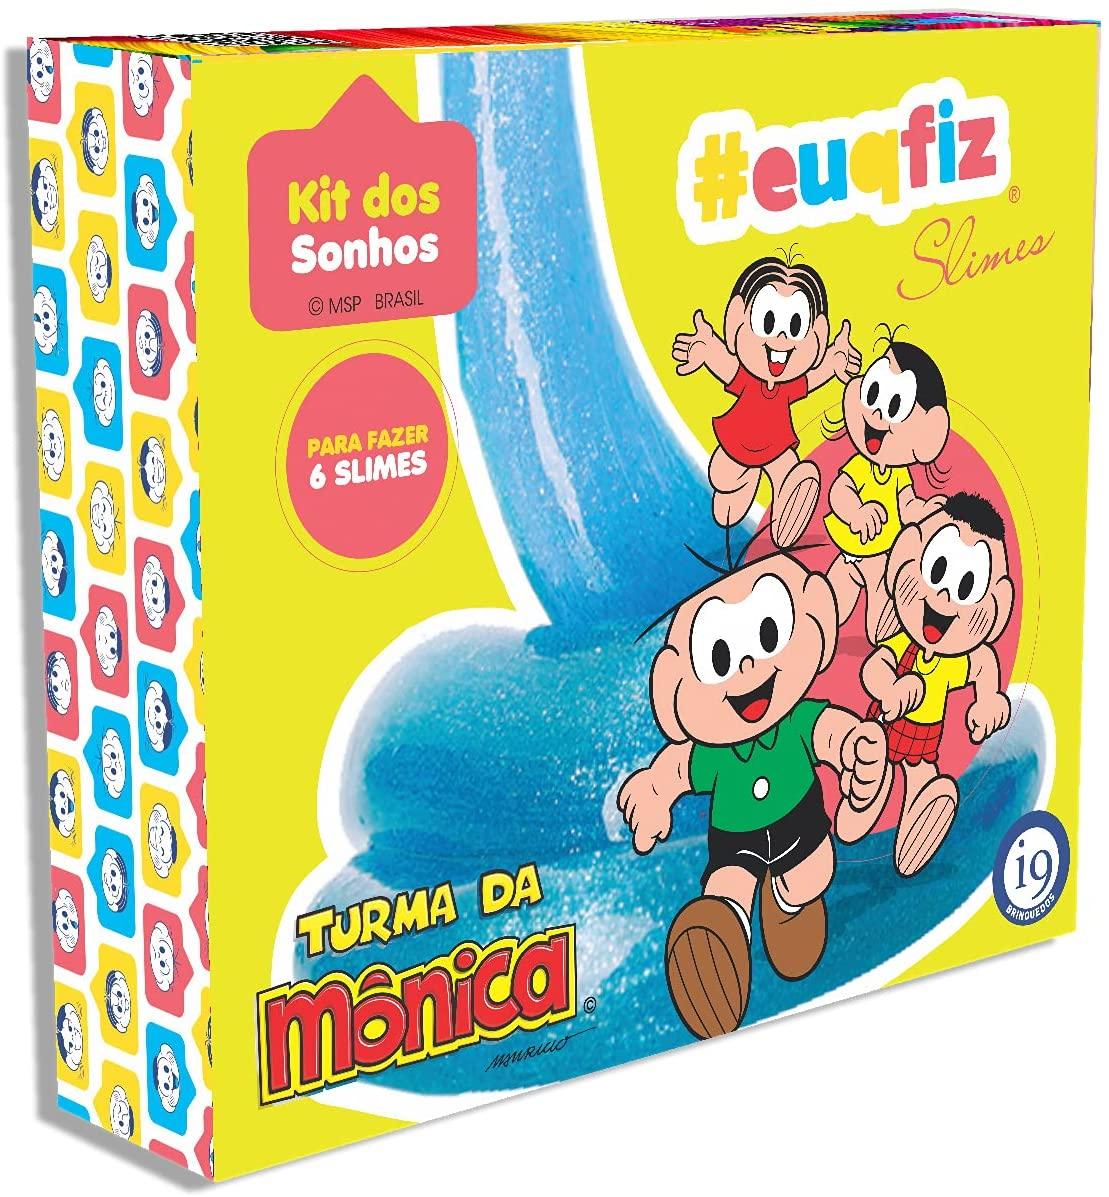 kit-dos-sonhos-de-slimes-turma-da-monica-euqfiz-i9-brinquedos